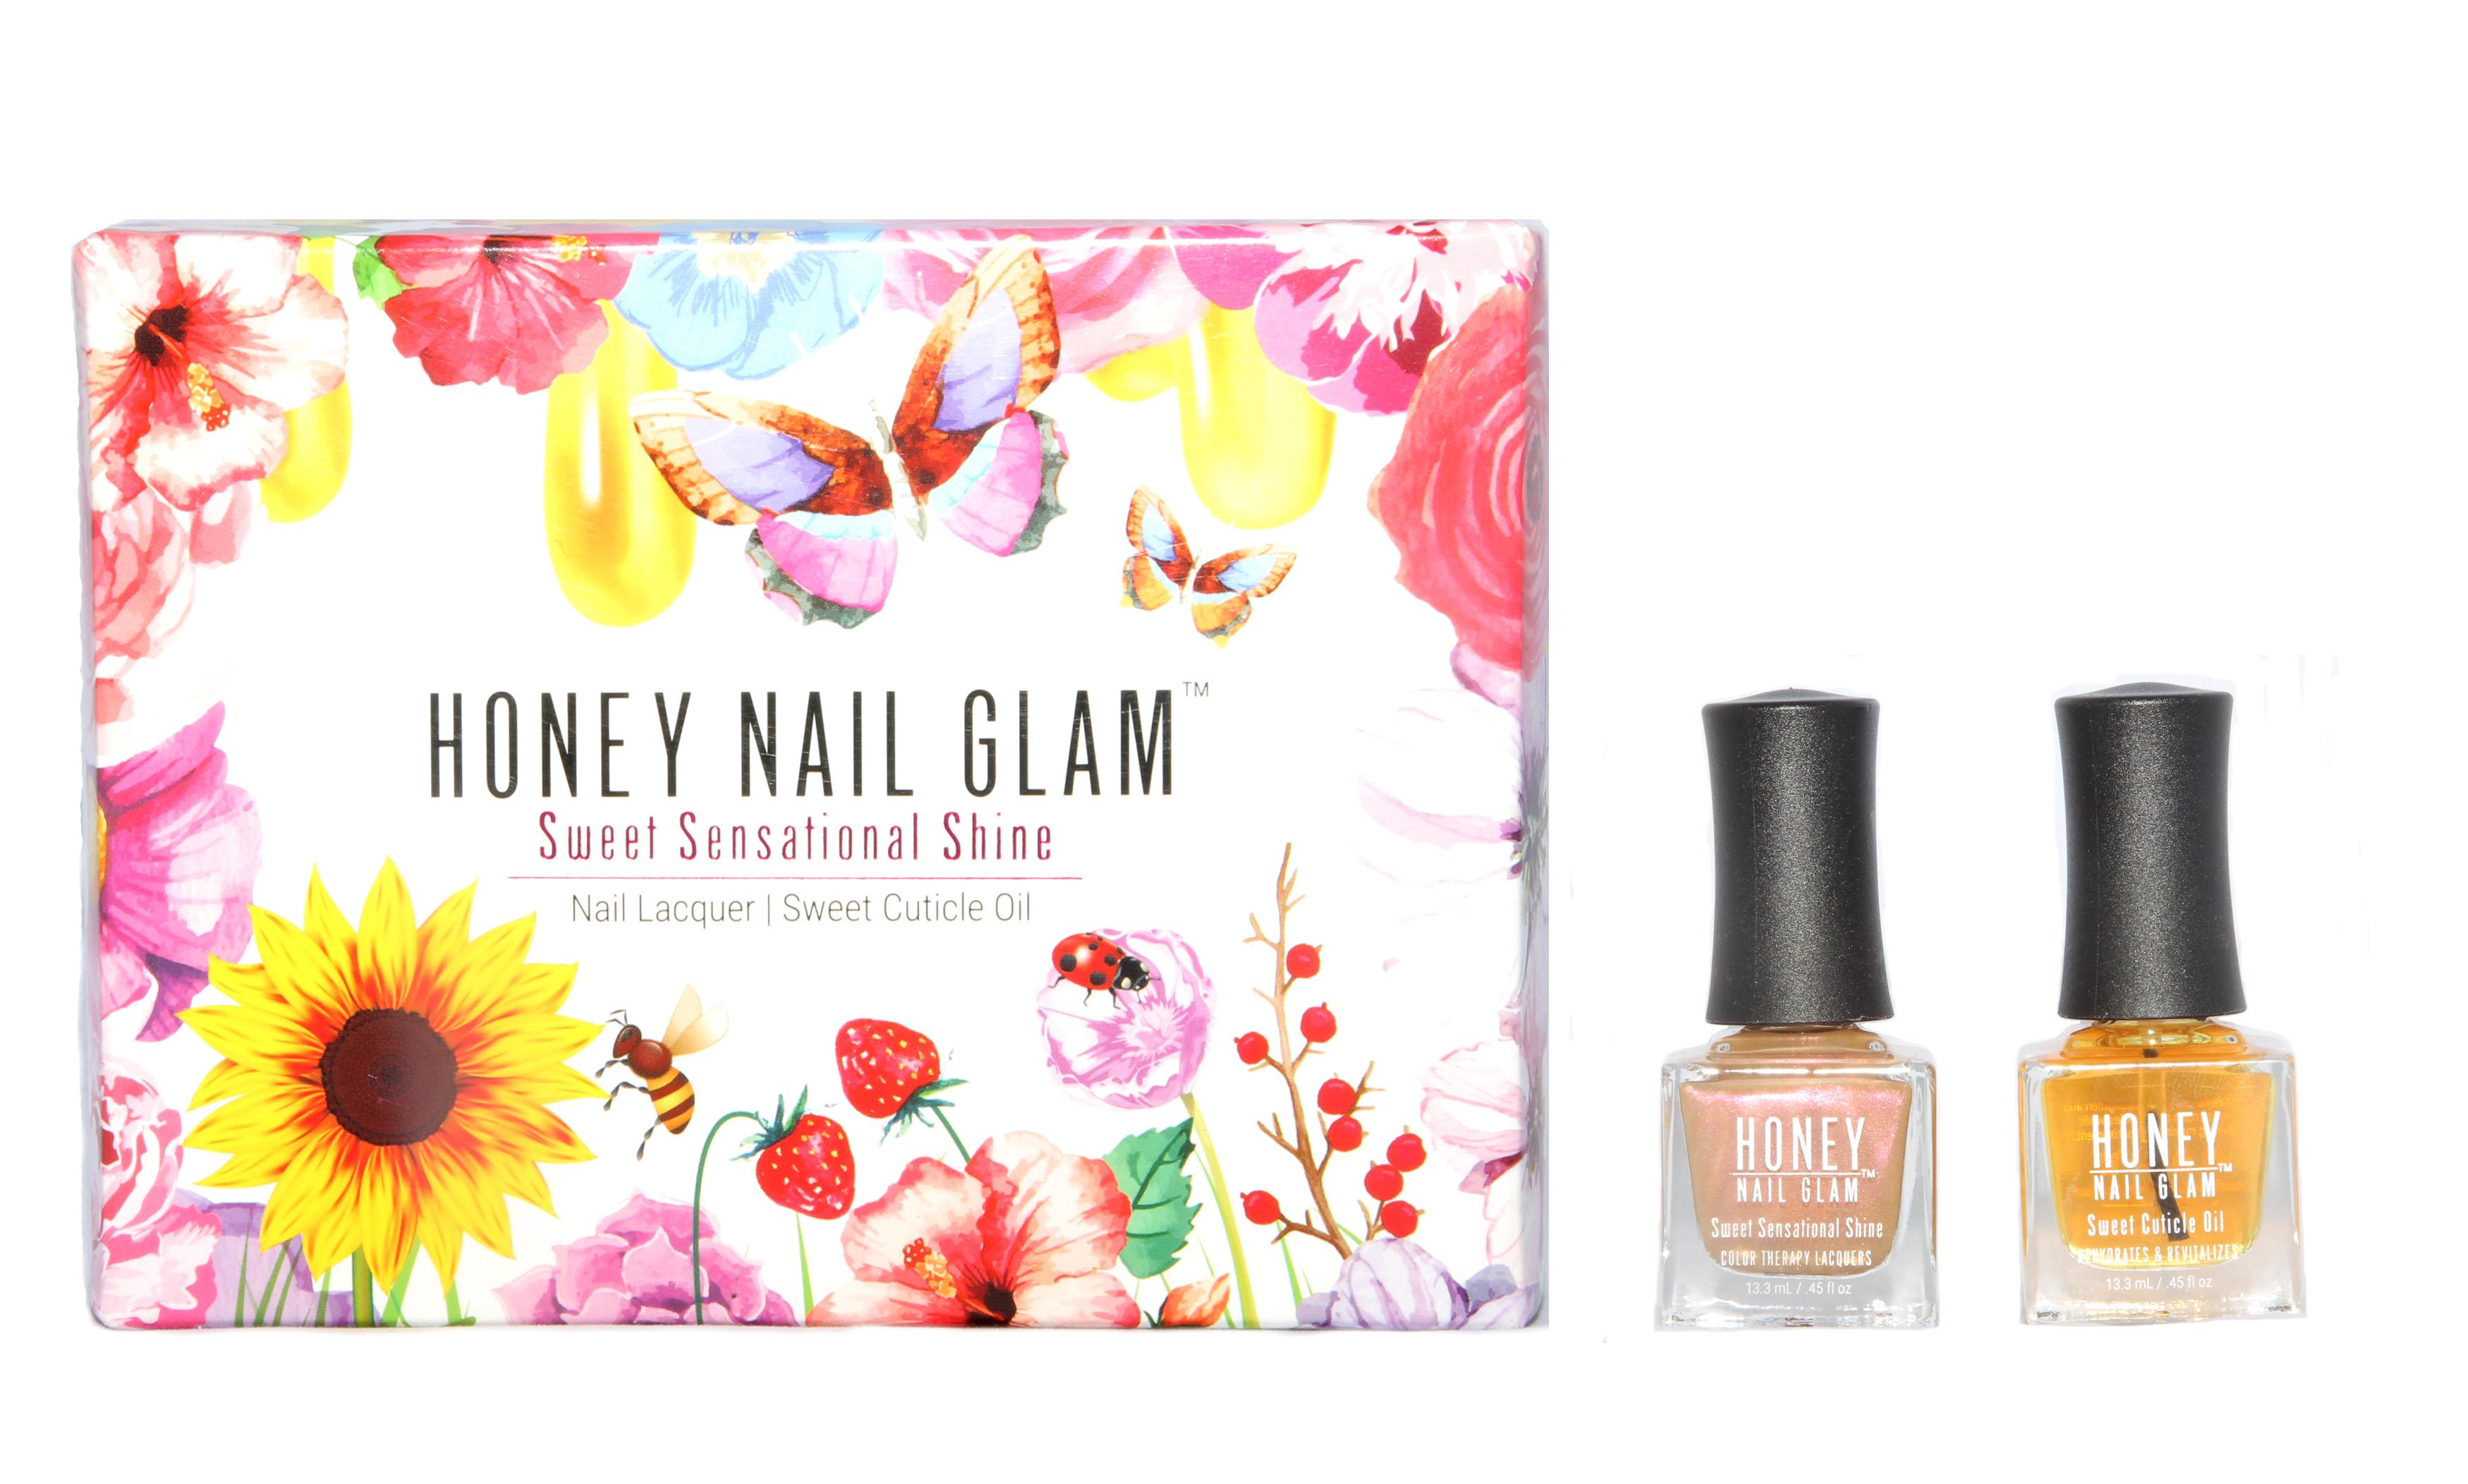 Vanilla Kiss Box Set - HoneyNailGlam Nail Polish